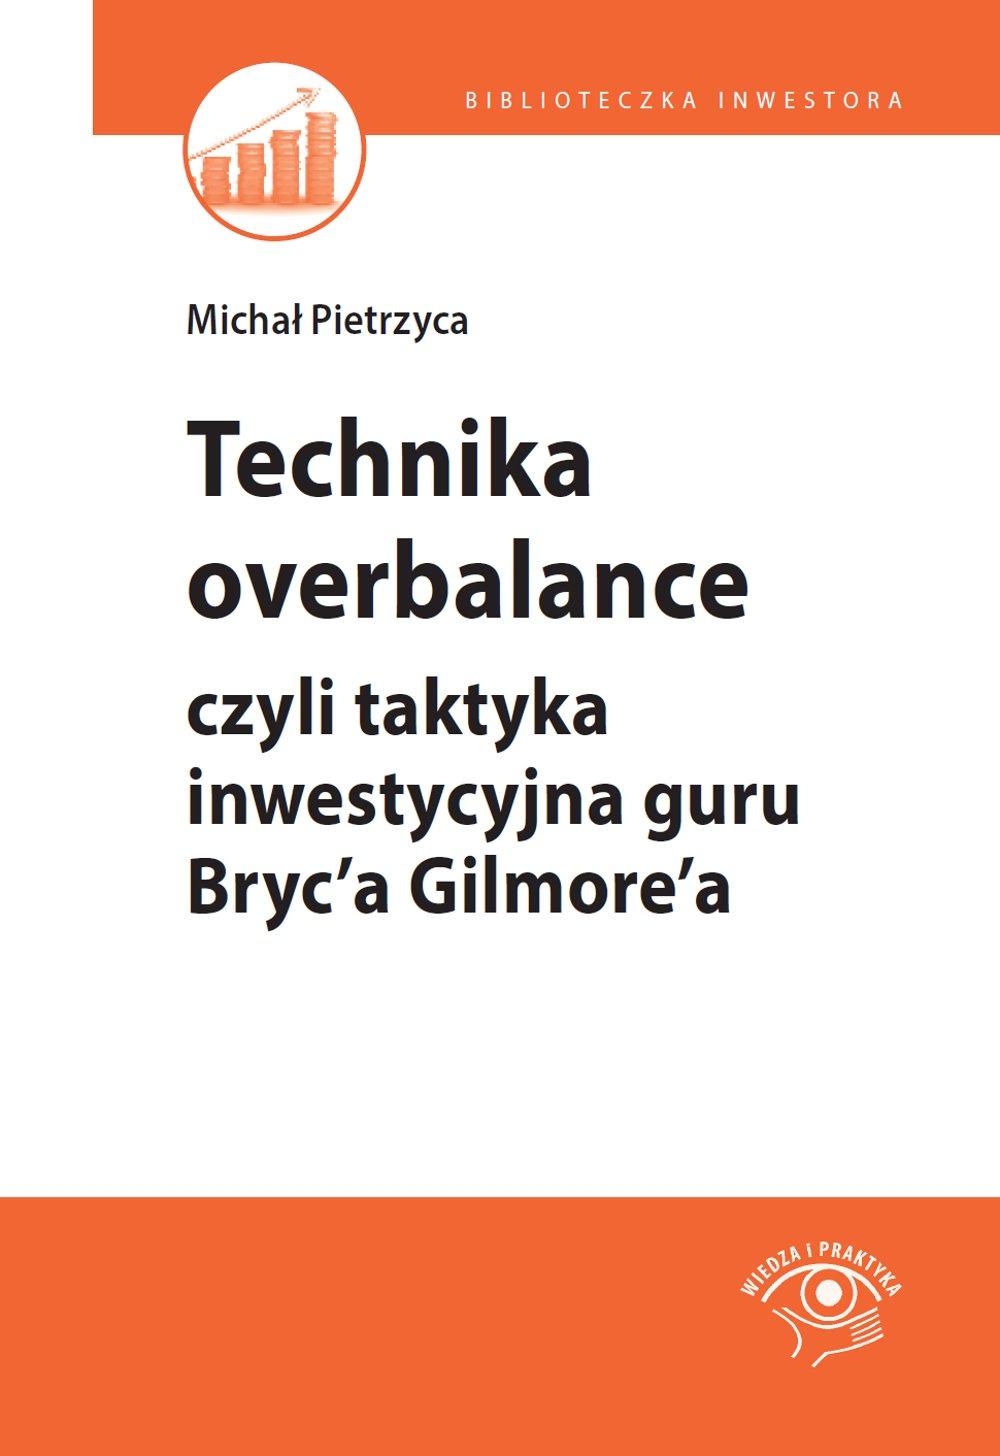 Technika overbalance, czyli taktyka inwestycyjna guru Bryc'a Gilmore'a - Ebook (Książka EPUB) do pobrania w formacie EPUB